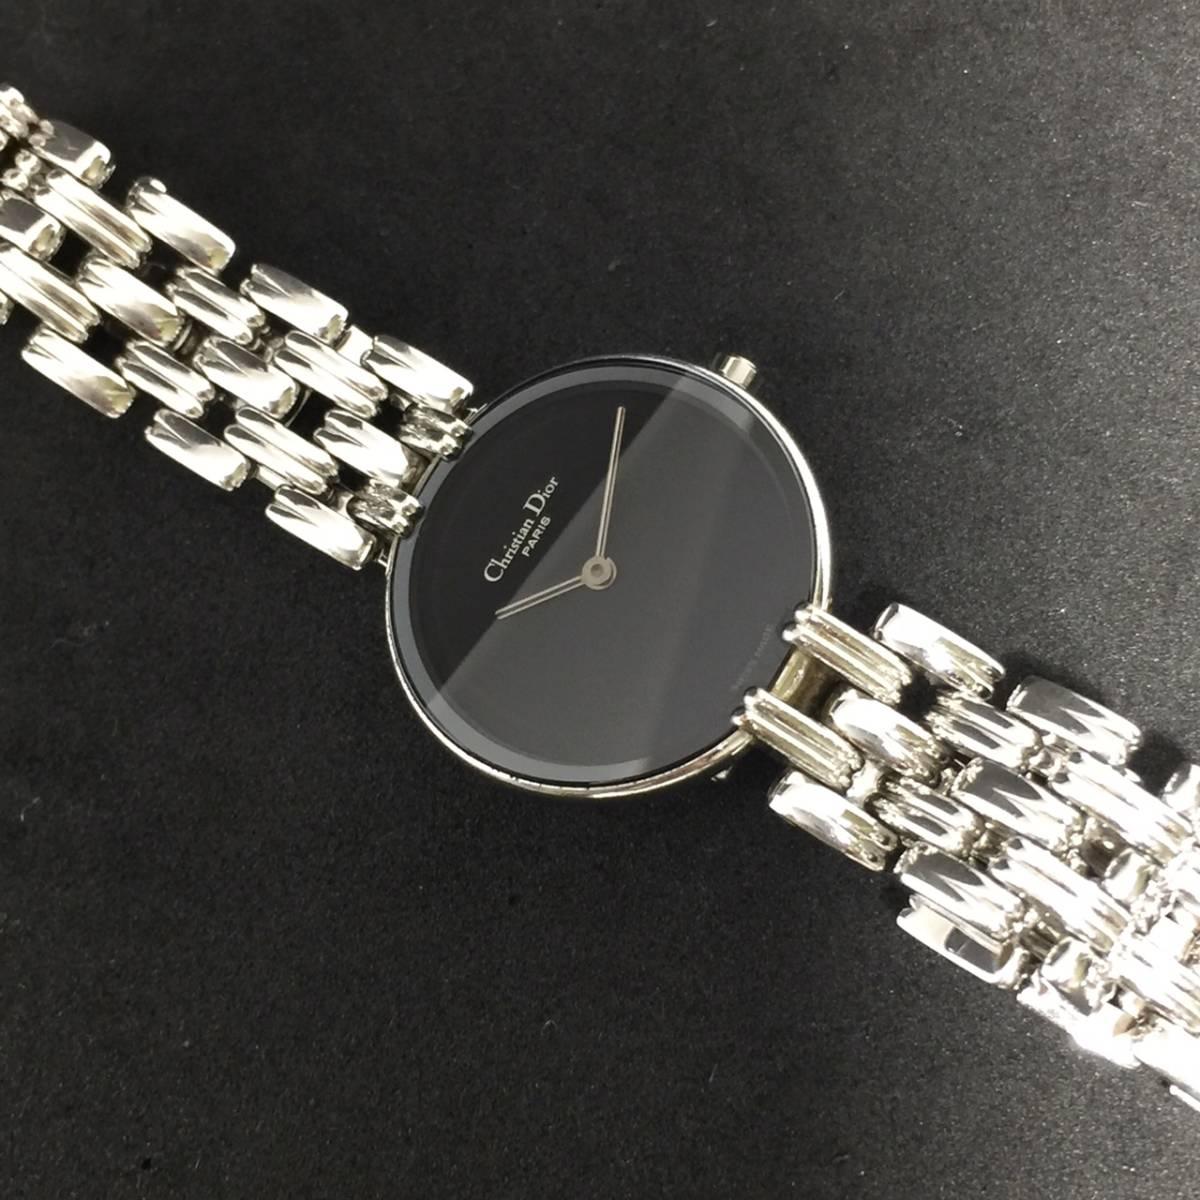 【1円~】Christian Dior クリスチャン ディオール 腕時計 レディース D44-120 Bagheera バギラ 可動品_画像7